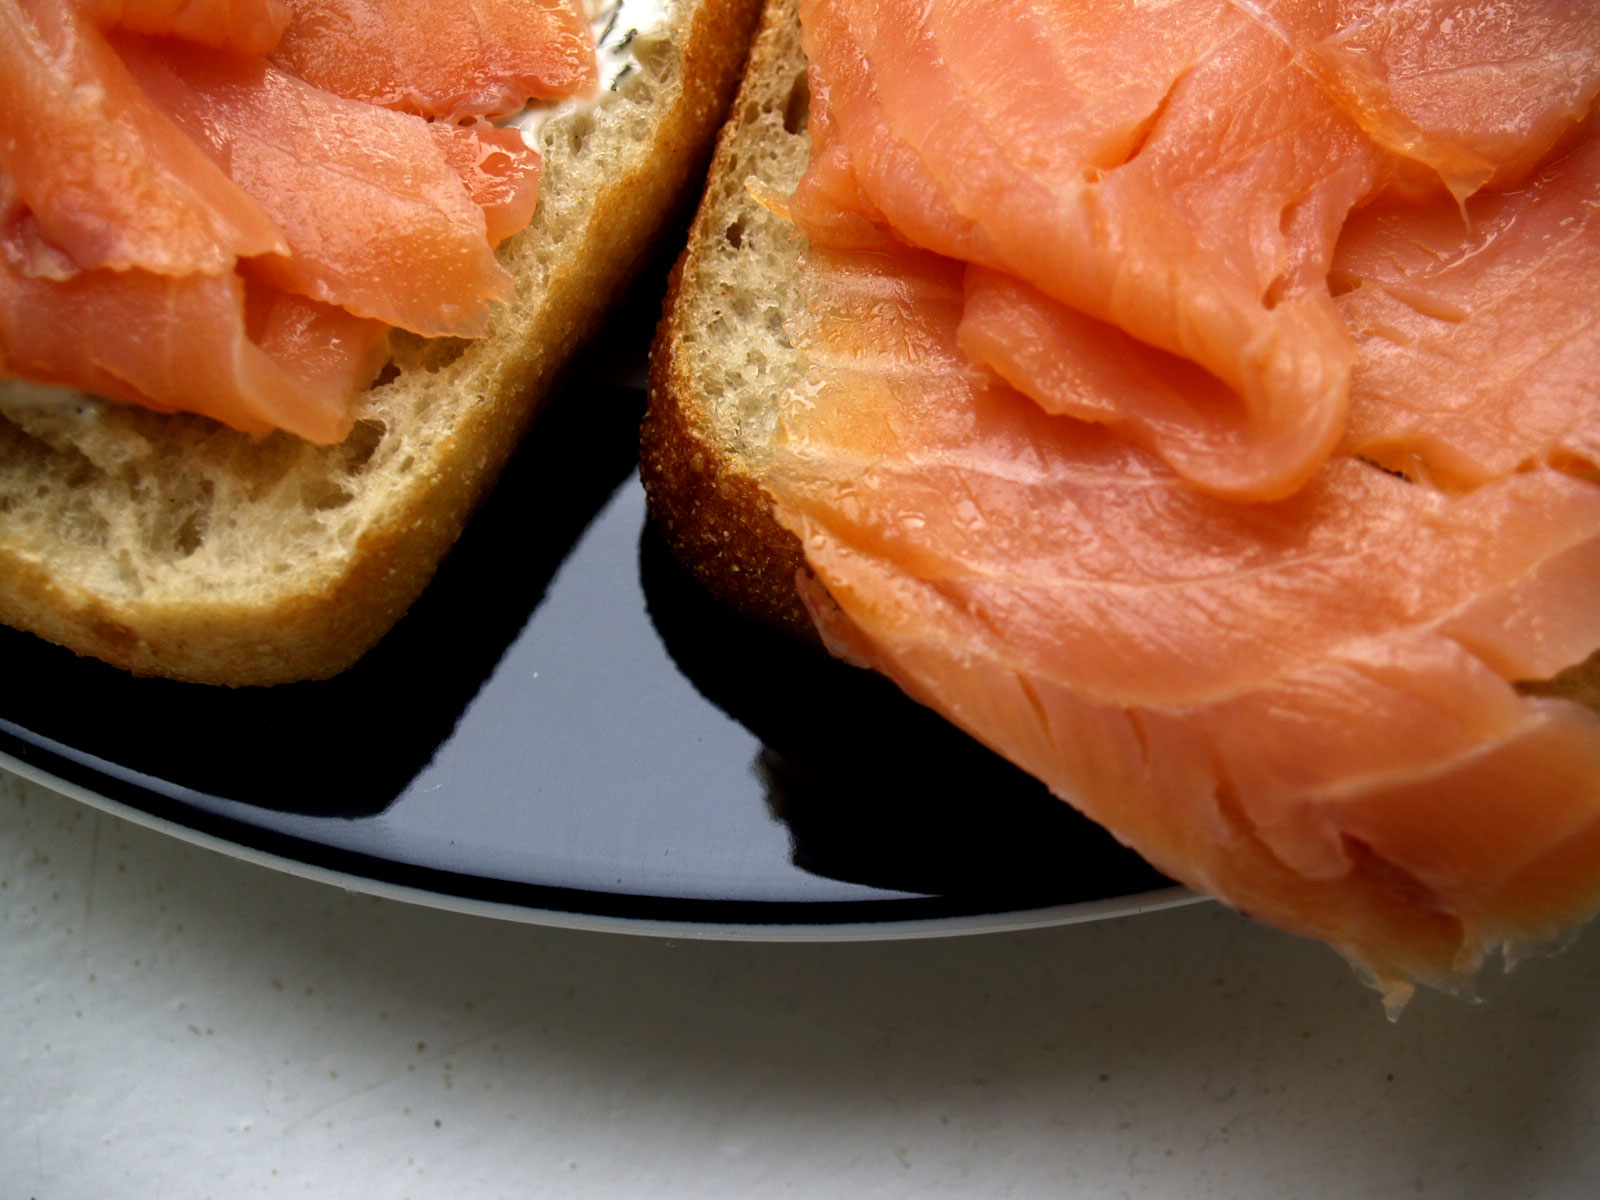 Salmone affumicato  Wikipedia